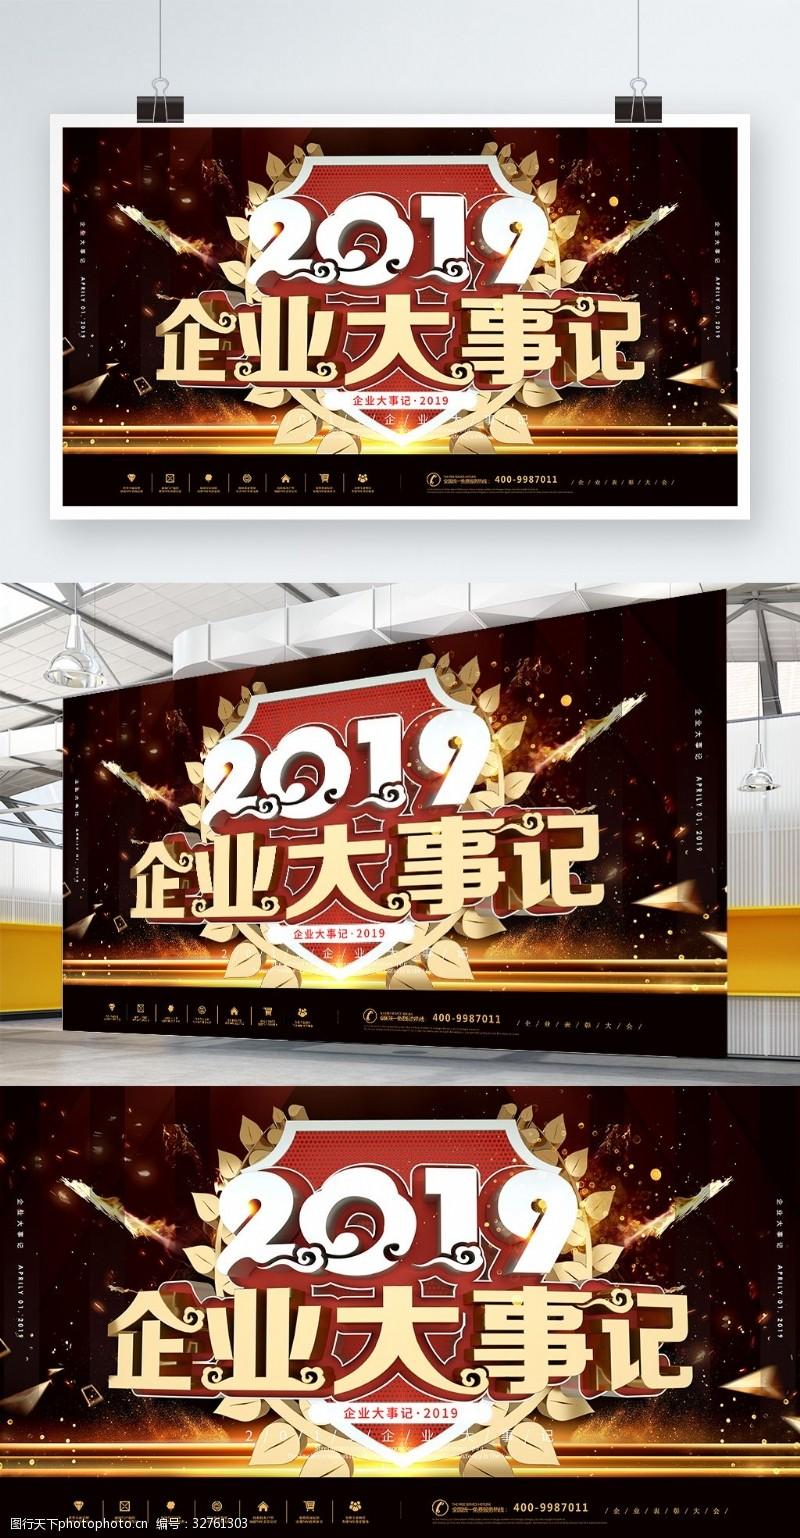 开业盛会2019企业大事记企业庆典展板